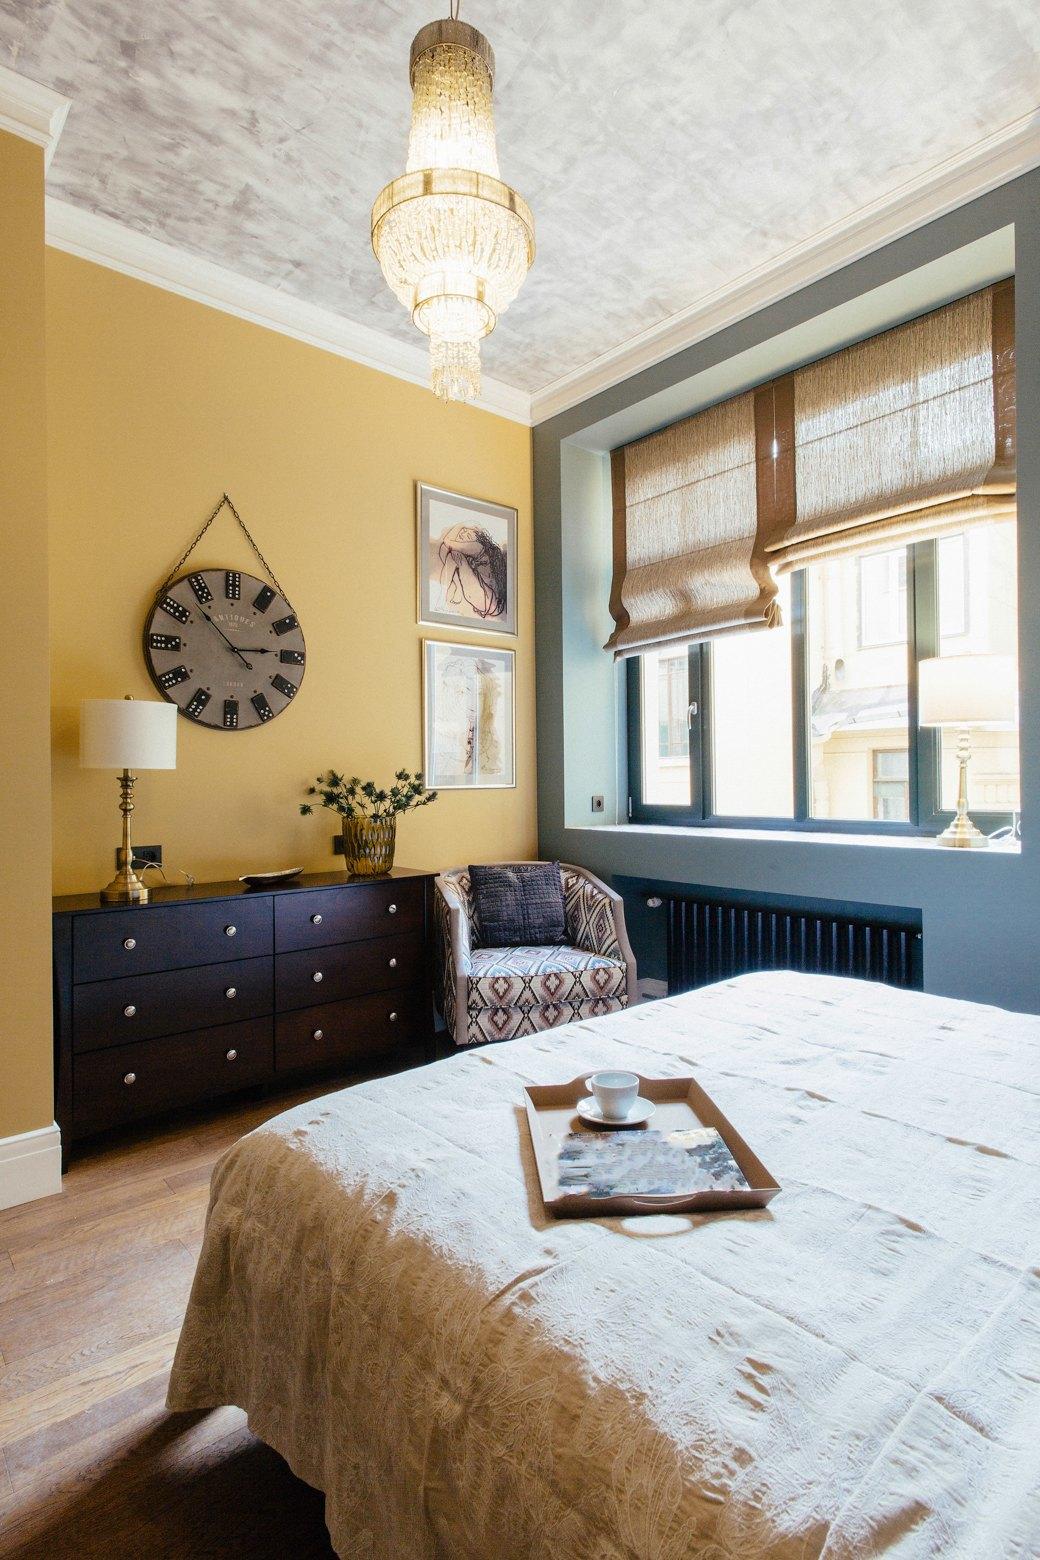 Двухкомнатные апартаменты для сдачи варенду рядом с отелем W (Петербург). Изображение № 19.